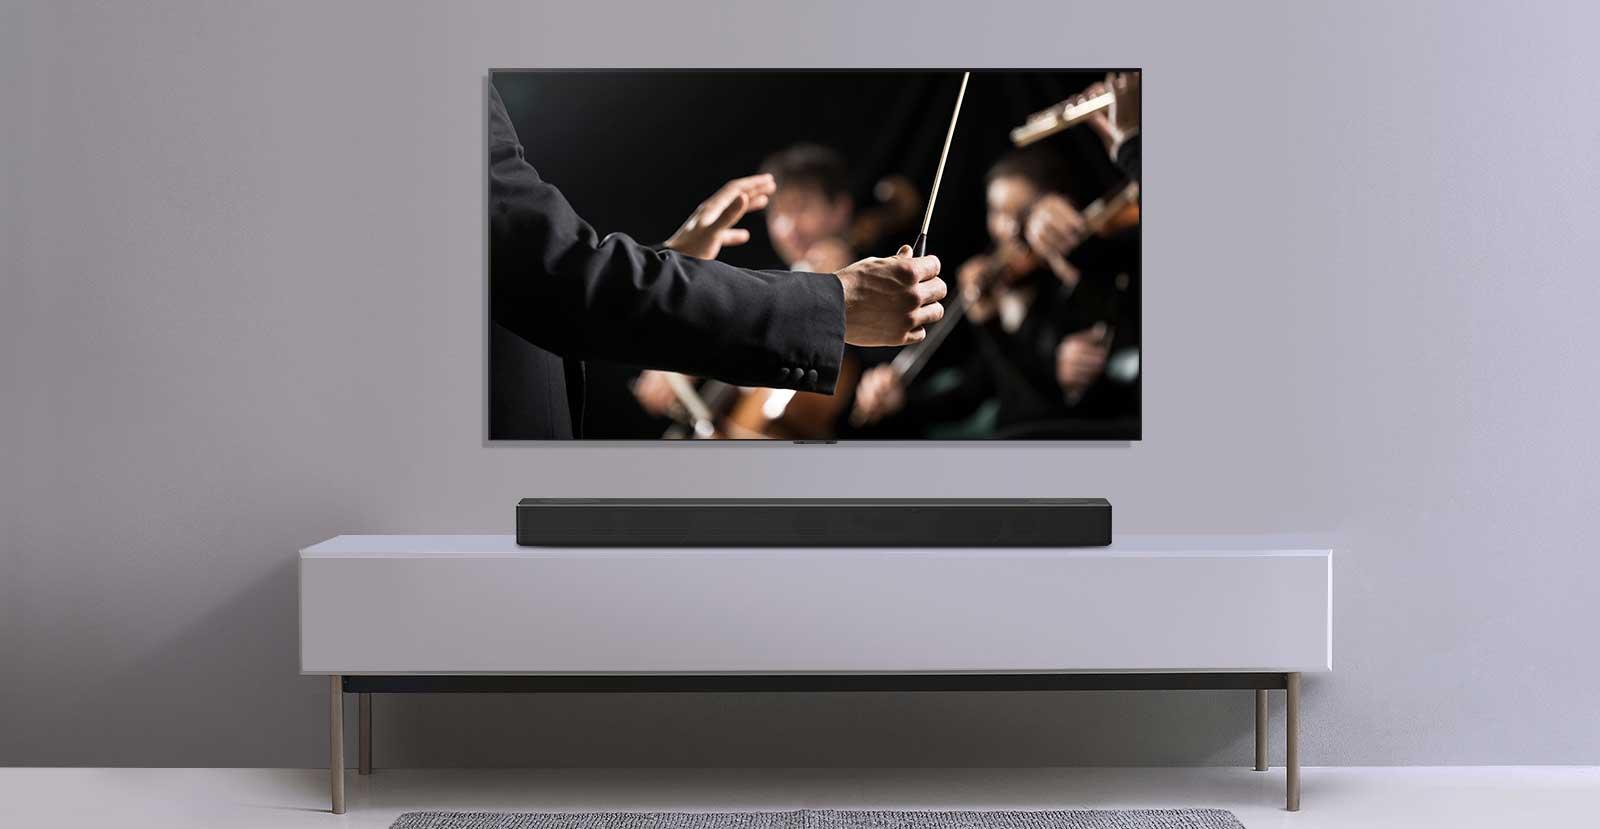 Se muestra un televisor en una pared gris y la barra de sonido LG debajo de un estante gris. El televisor muestra un director dirigiendo una orquesta.